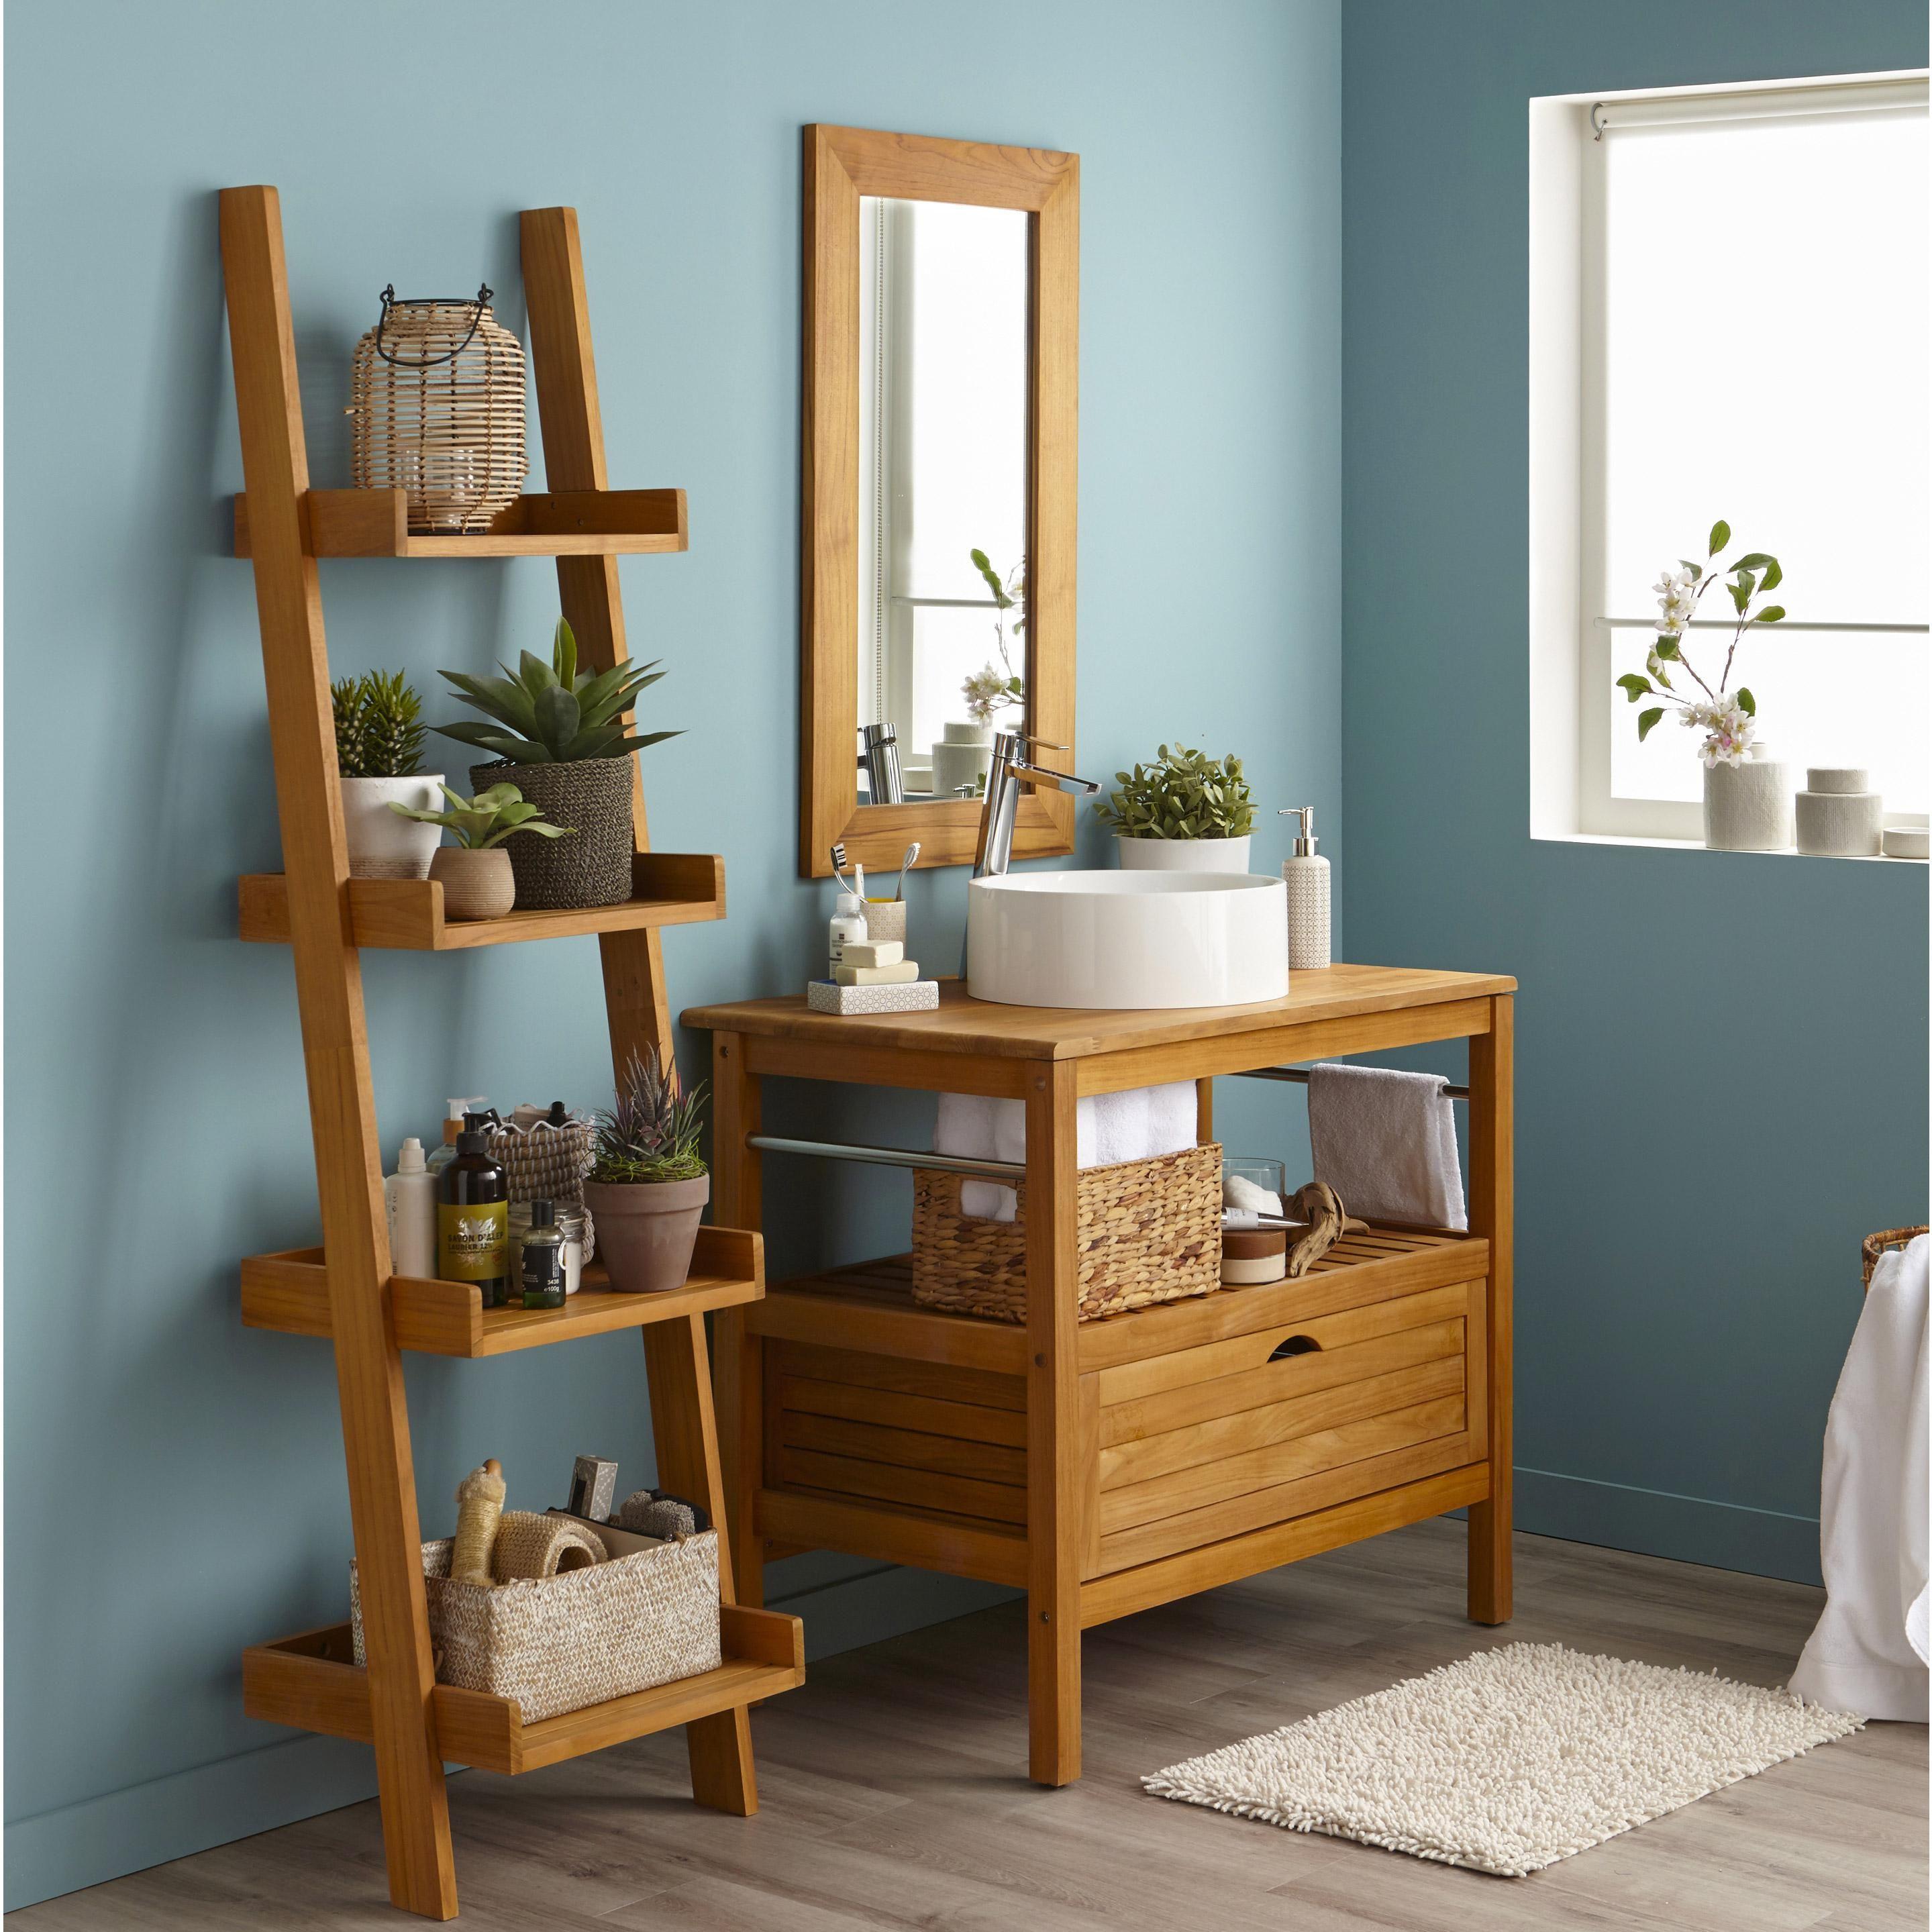 Meuble de salle de bains l.90 x H.76.2 x P.50 cm, teck